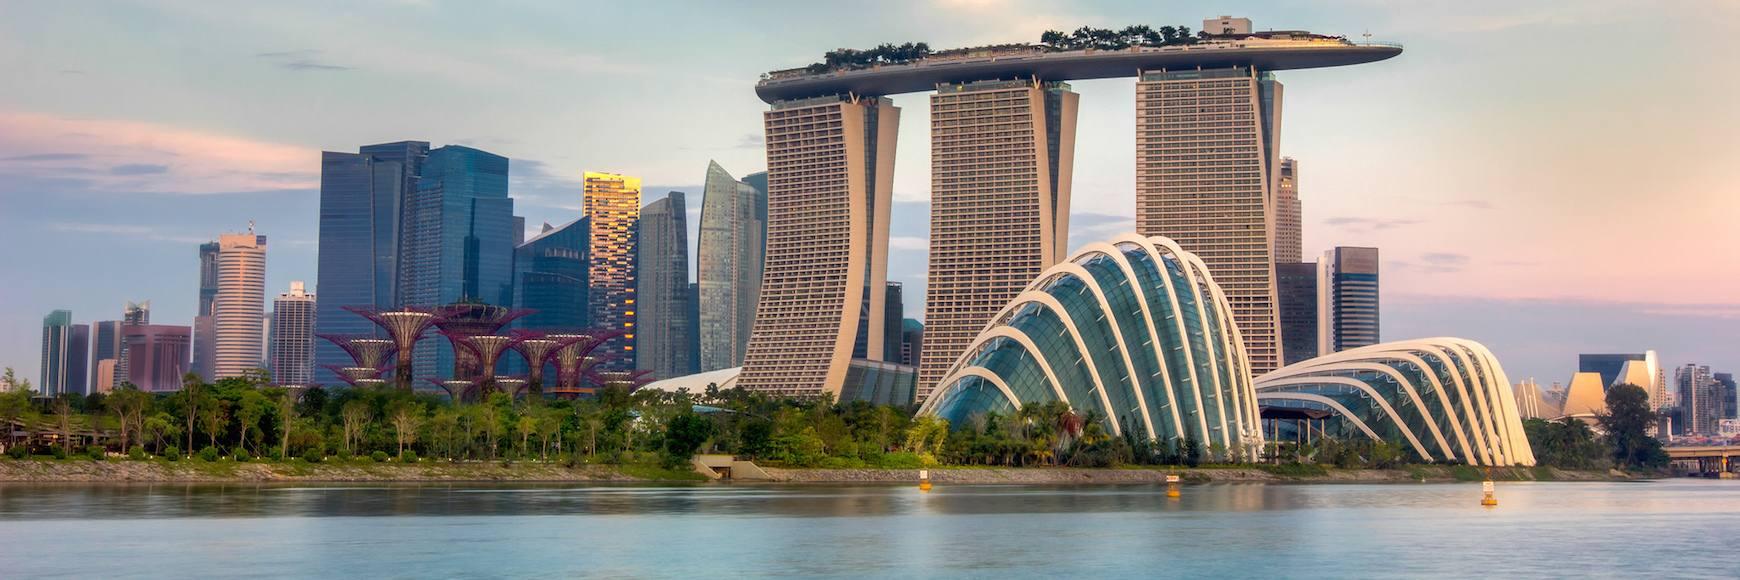 noleggio barca a vela Singapore